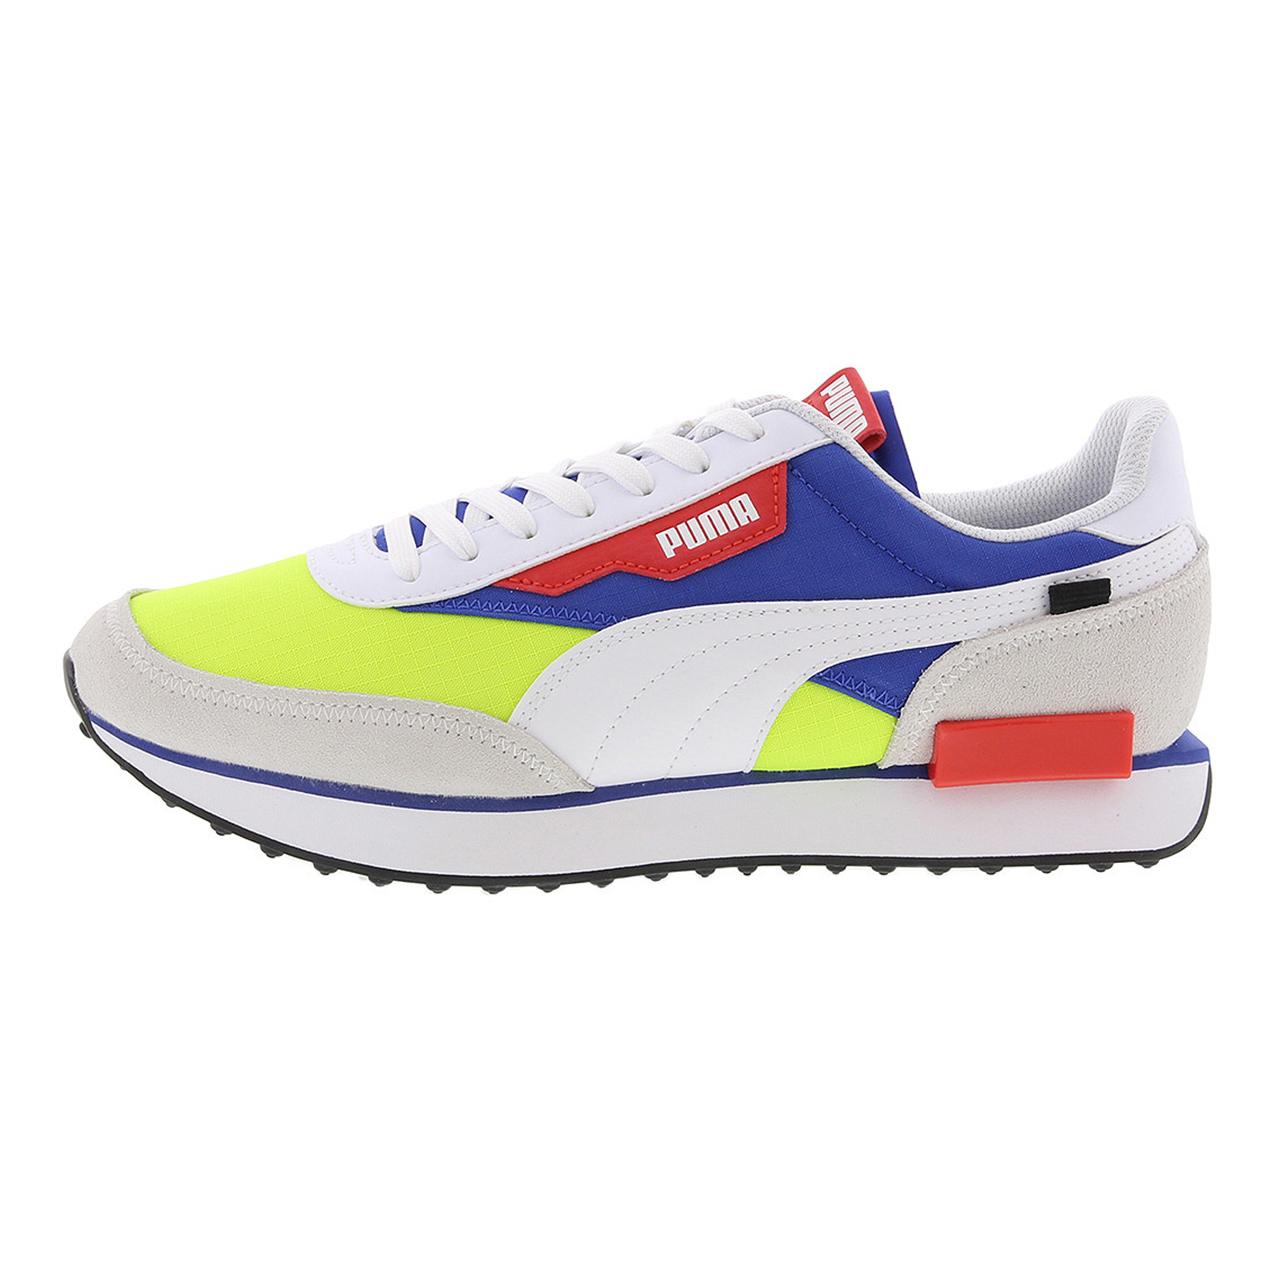 کفش مخصوص دویدن مردانه پوما مدل ON 371